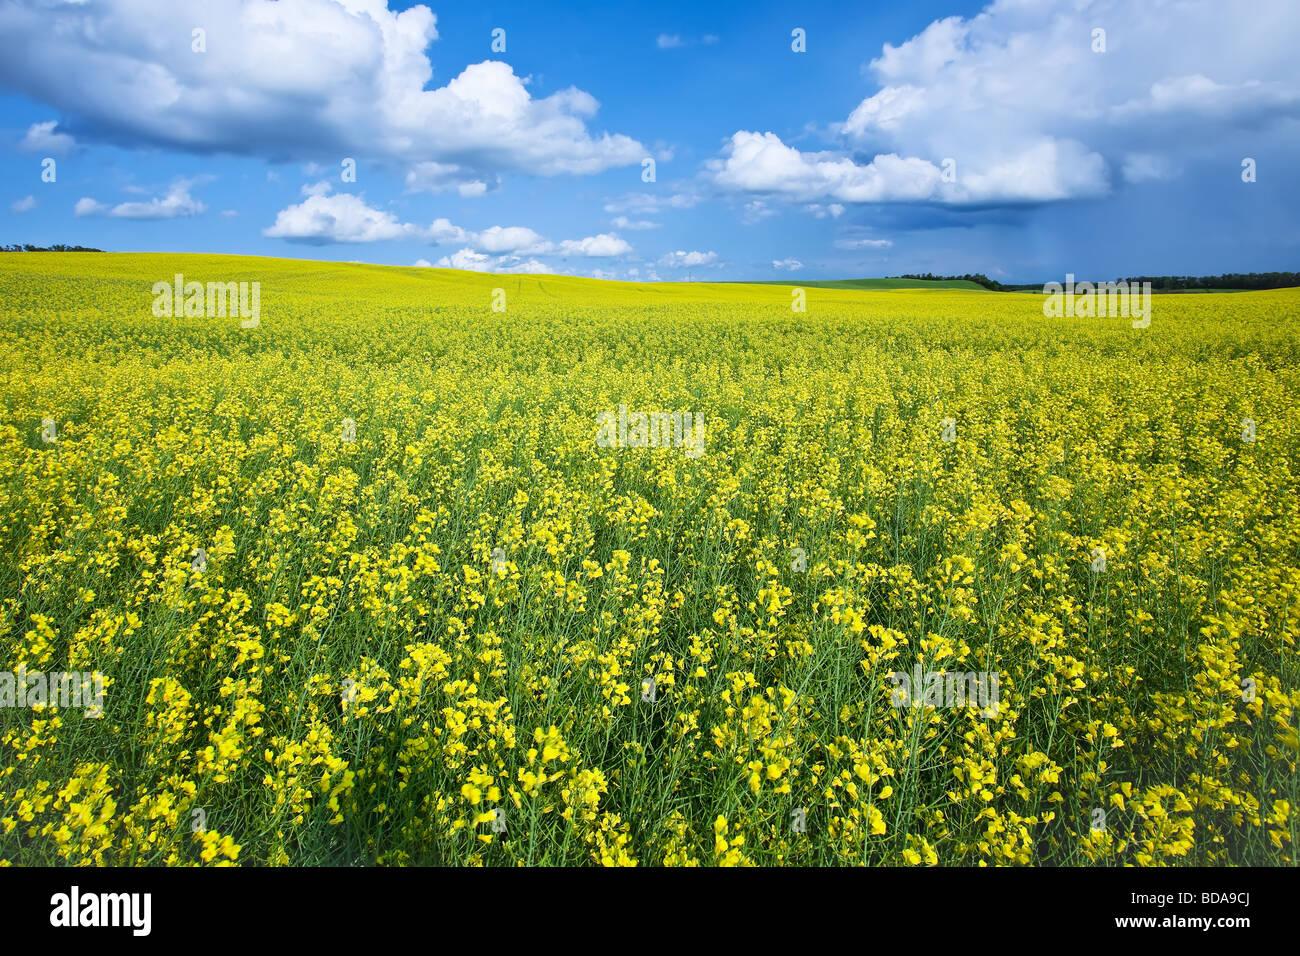 Raps Feld und Cumulus-Wolken in der kanadischen Prärie, Pembina Valley, Manitoba, Kanada. Stockbild